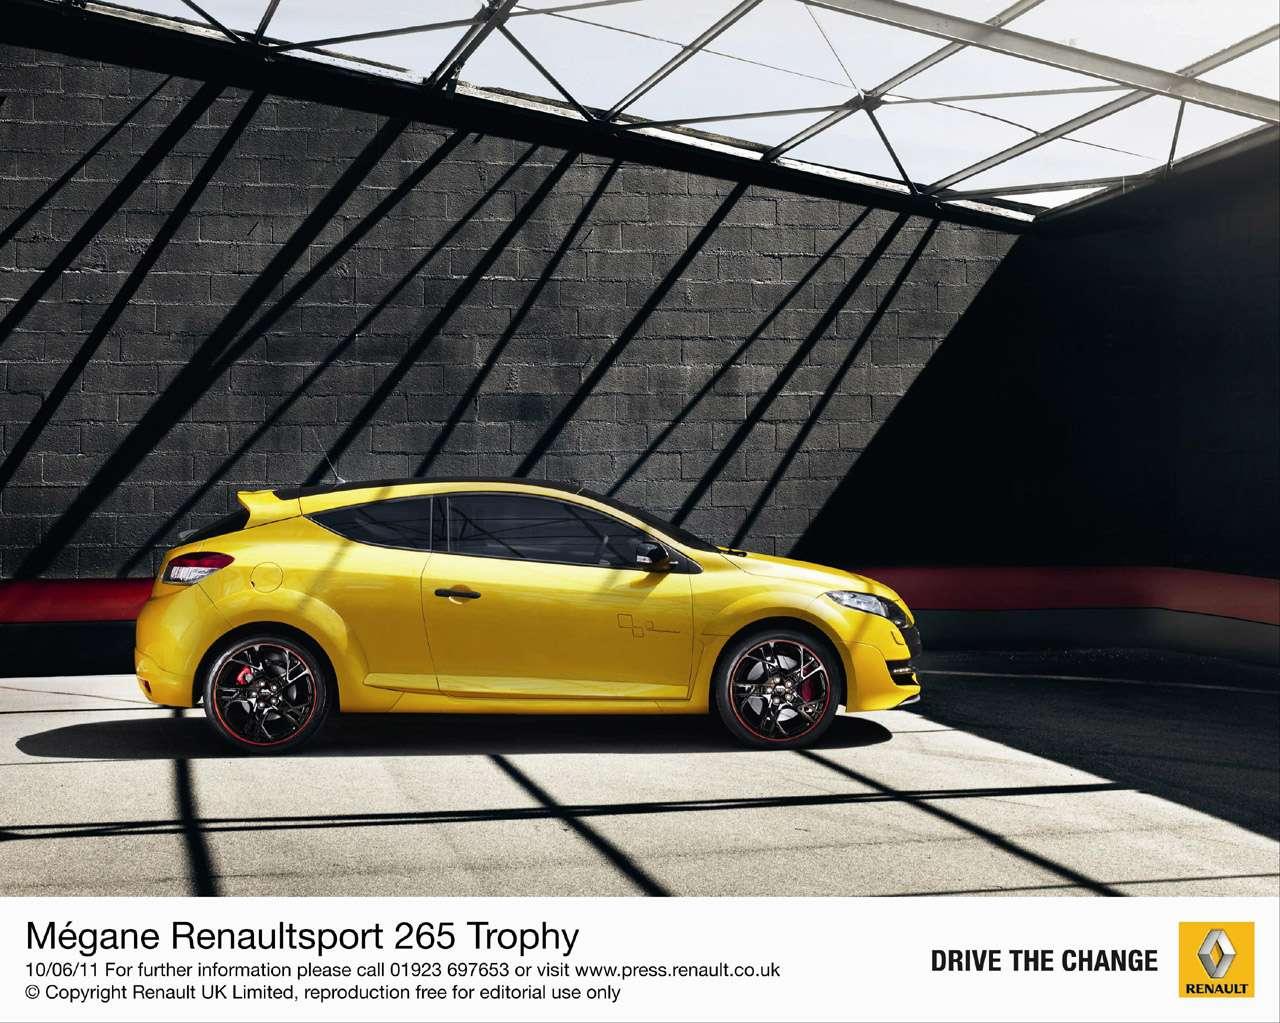 Renault Megane 265 Trophy Czerwiec 2011